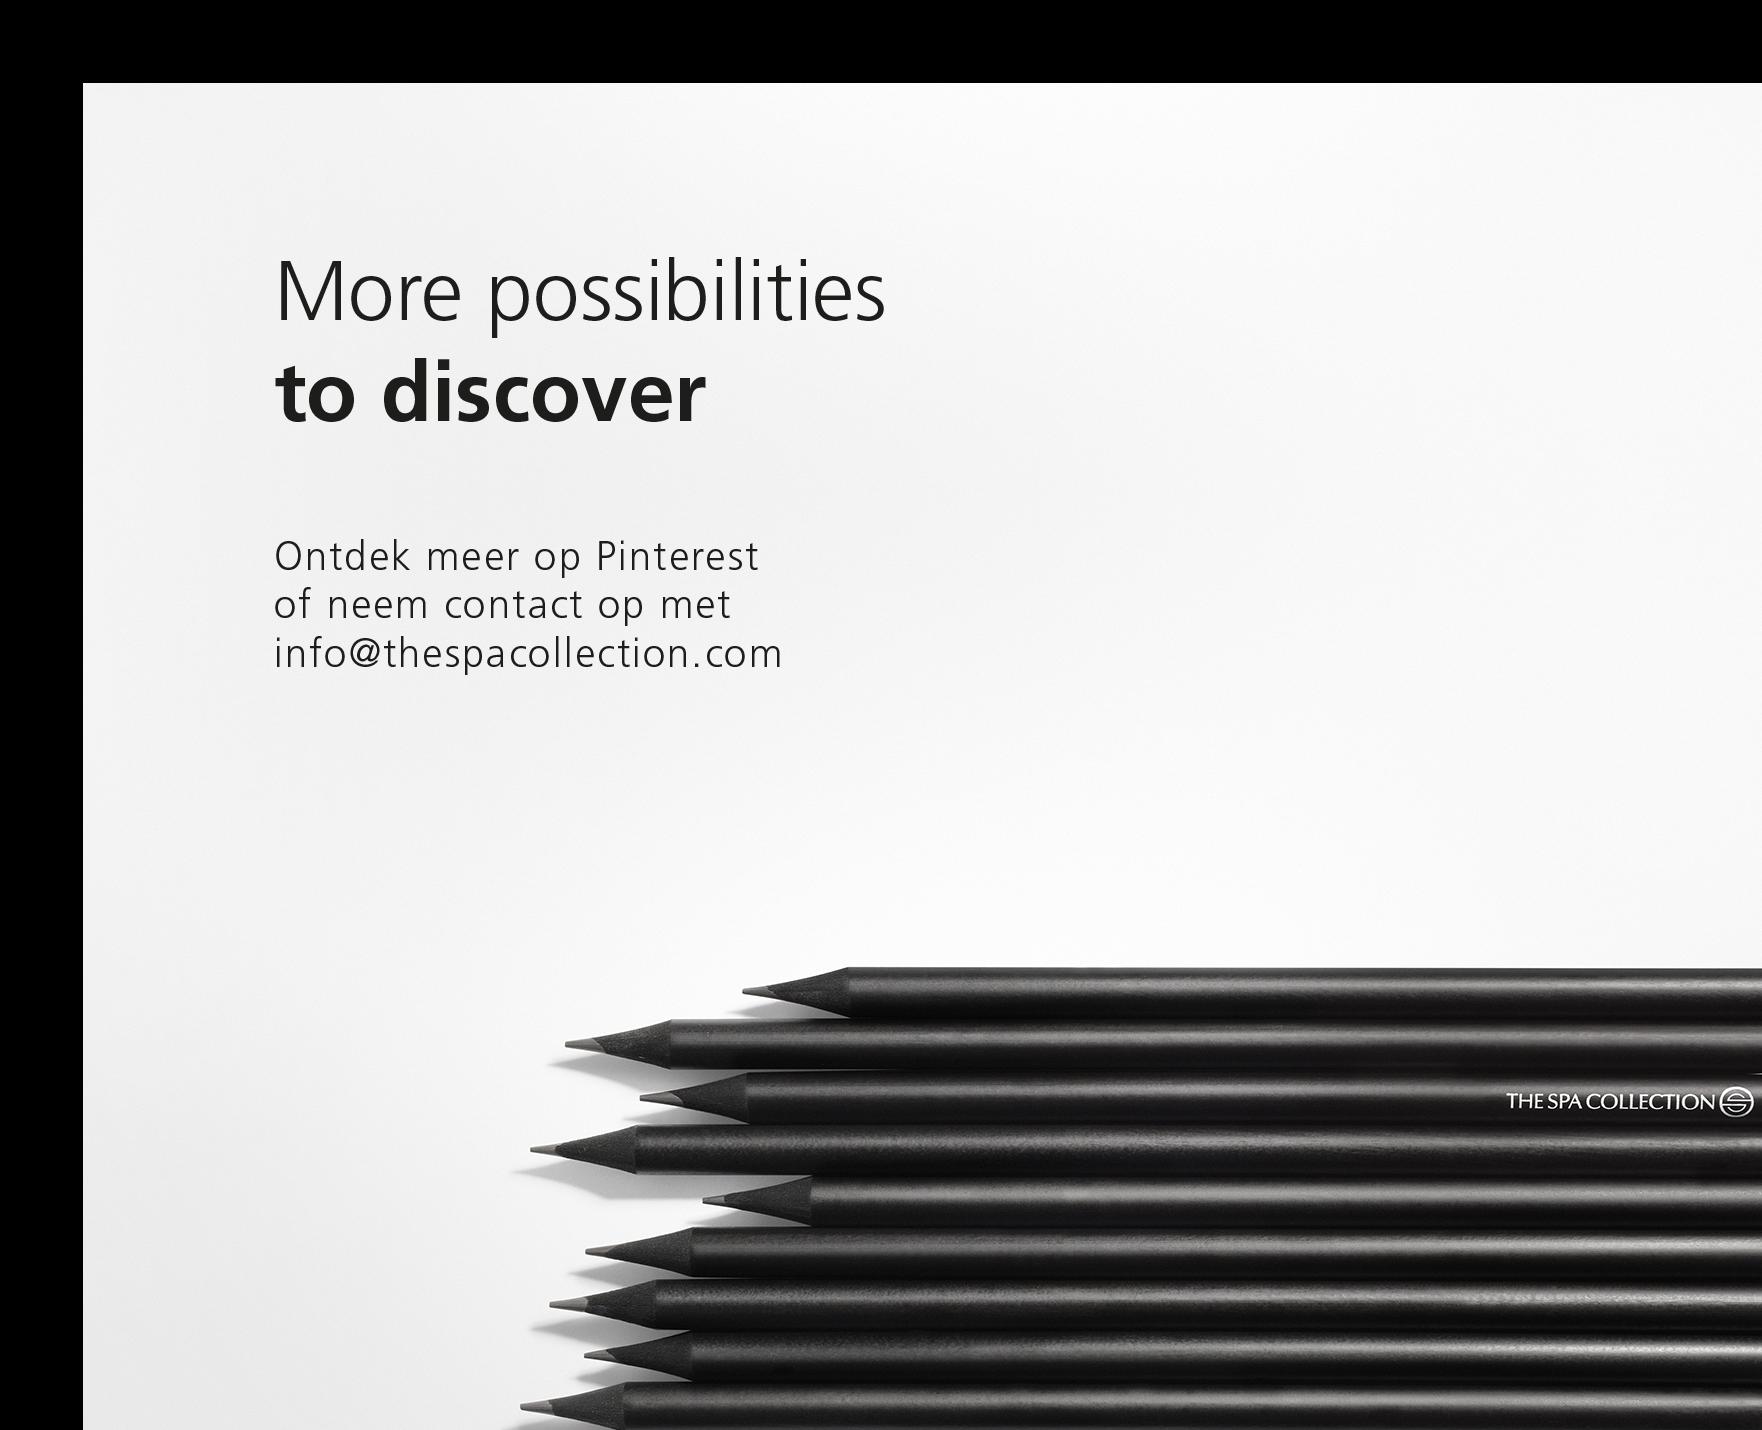 More possibilities to discover. Ontdek meer op Pinterest of neem contact op met info@thespacollection.com.